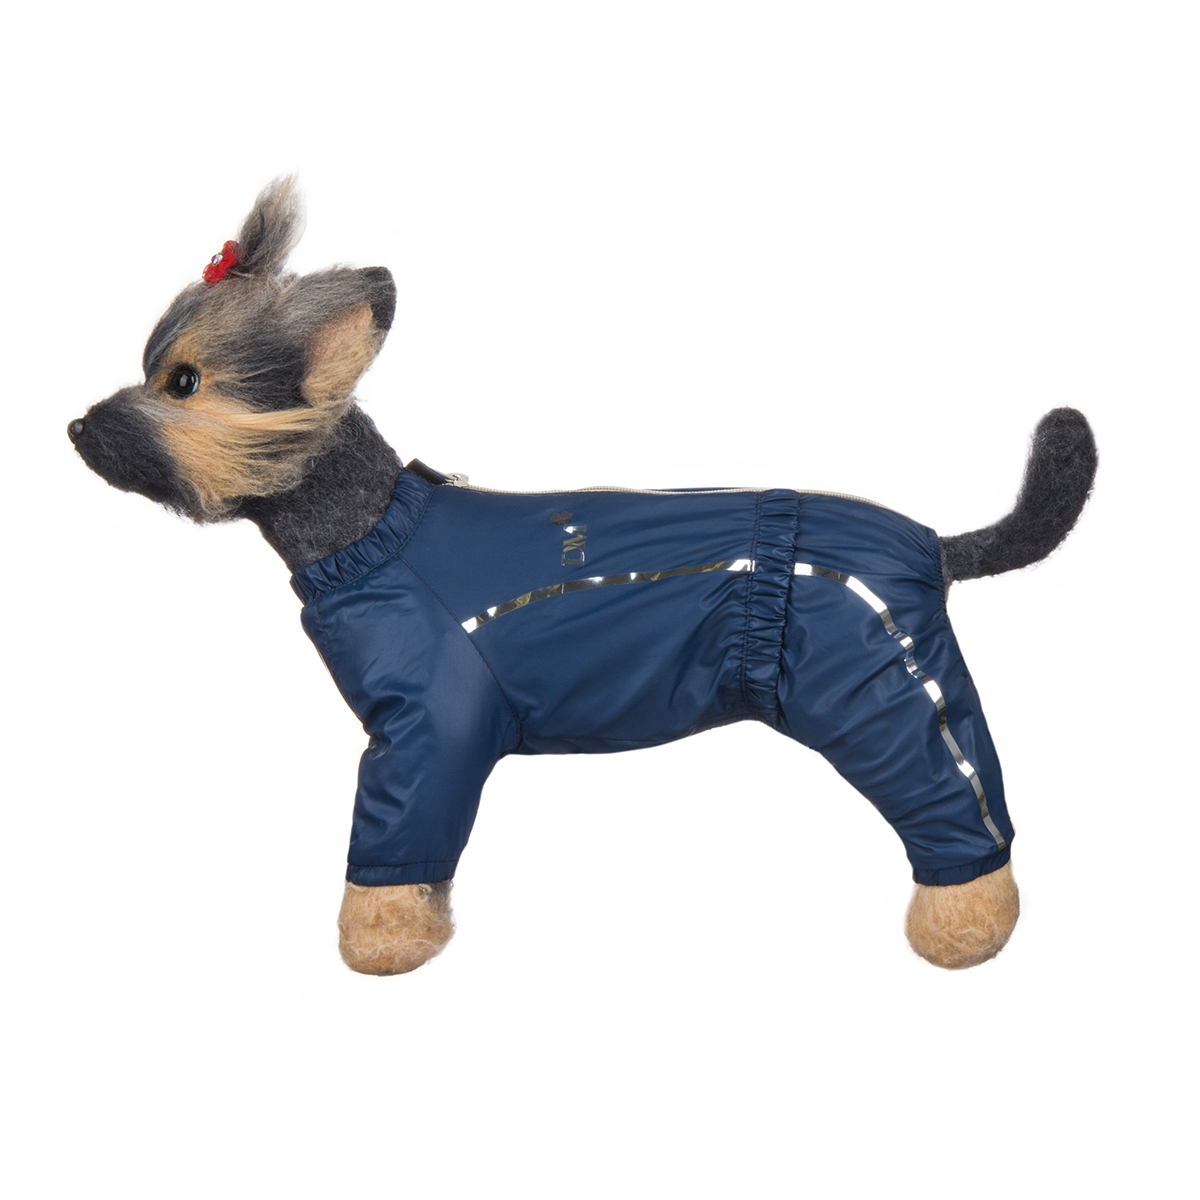 Комбинезон для собак Dogmoda Альпы, для мальчика, цвет: синий. Размер 2 (M). DM-160103DM-160103-2_синийКомбинезон для собак Dogmoda Альпы отлично подойдет для прогулок поздней осенью или ранней весной.Комбинезон изготовлен из полиэстера, защищающего от ветра и осадков, с подкладкой из вискозы и полиэстера, которая сохранит тепло и обеспечит отличный воздухообмен.Комбинезон застегивается на молнию и липучку, благодаря чему его легко надевать и снимать. Ворот, низ рукавов и брючин оснащены внутренними резинками, которые мягко обхватывают шею и лапки, не позволяя просачиваться холодному воздуху. На пояснице имеется внутренняя резинка. Изделие декорировано золотистыми полосками и надписью DM.Благодаря такому комбинезону простуда не грозит вашему питомцу и он не даст любимцу продрогнуть на прогулке.Длина по спинке: 24 см.Объем груди: 39 см.Обхват шеи: 25 см.